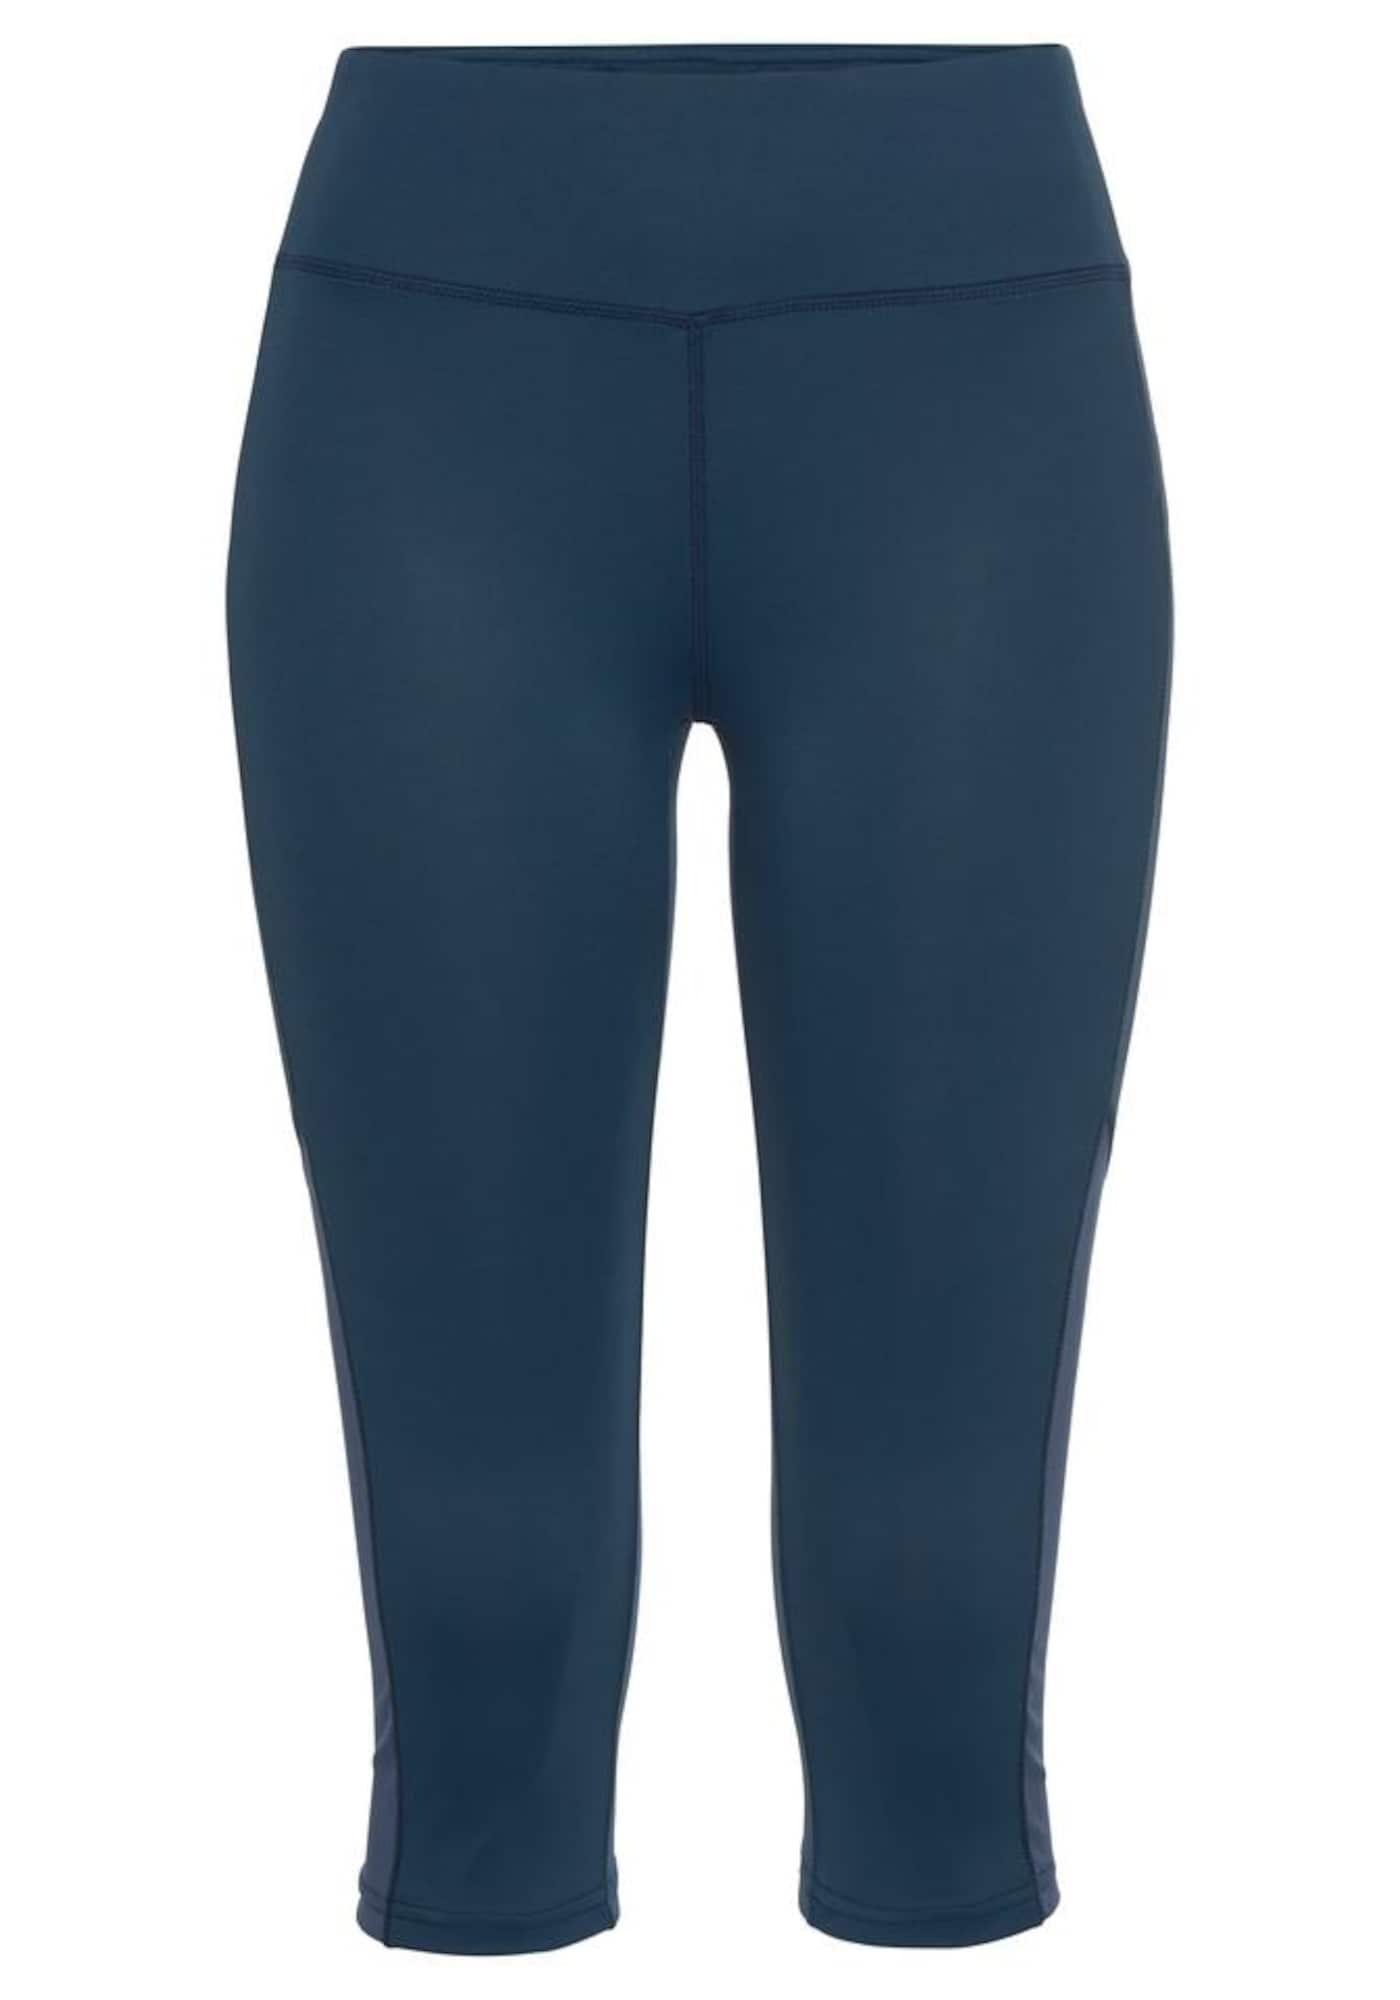 LASCANA ACTIVE Sportinės kelnės